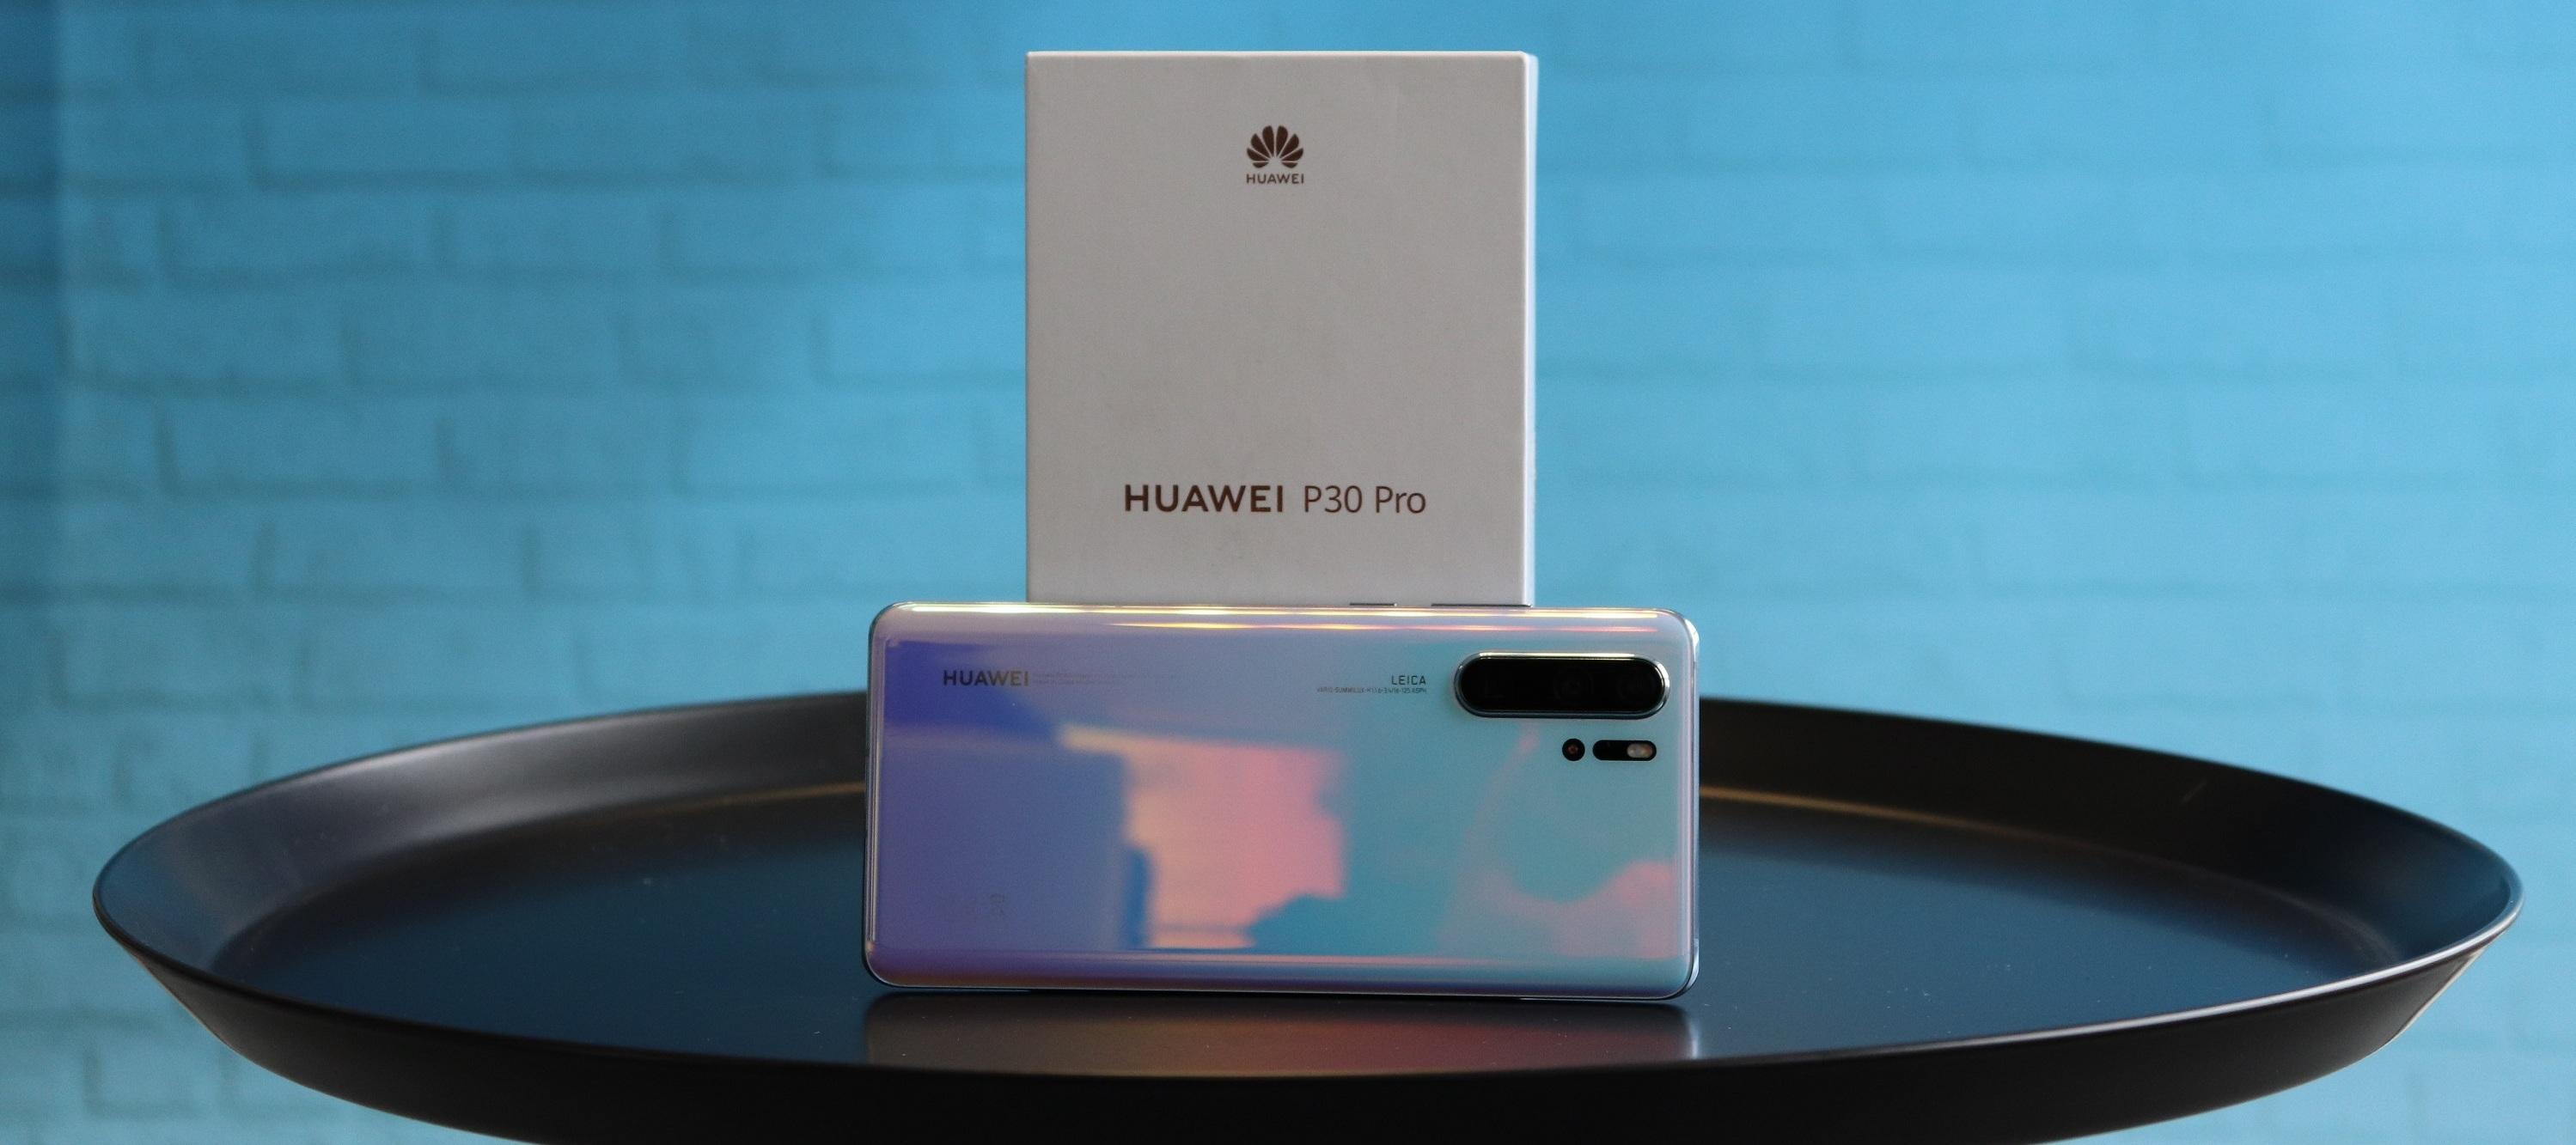 Huawei P30 Pro Testgerät: Wir suchen dich und deine Lust, aktuelle Smartphones zu Testen! Bewirb dich jetzt!